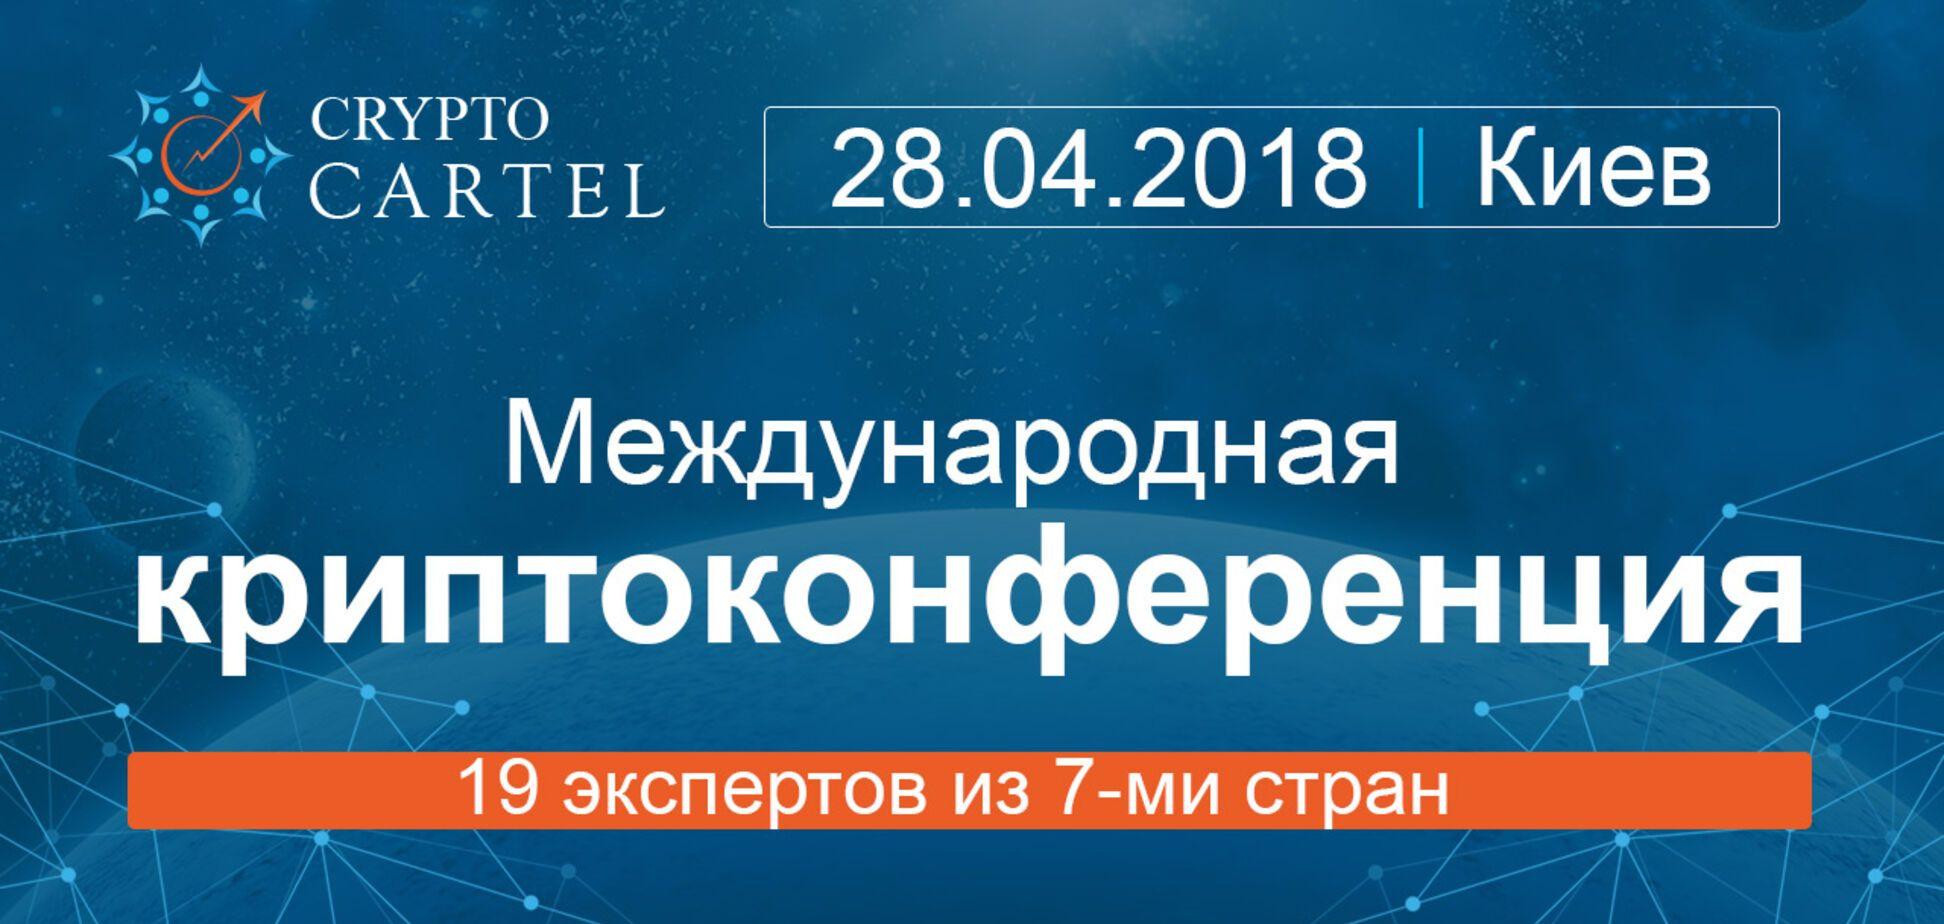 Главное событие весны – масштабная криптоконференция CryptoCartel в Киеве